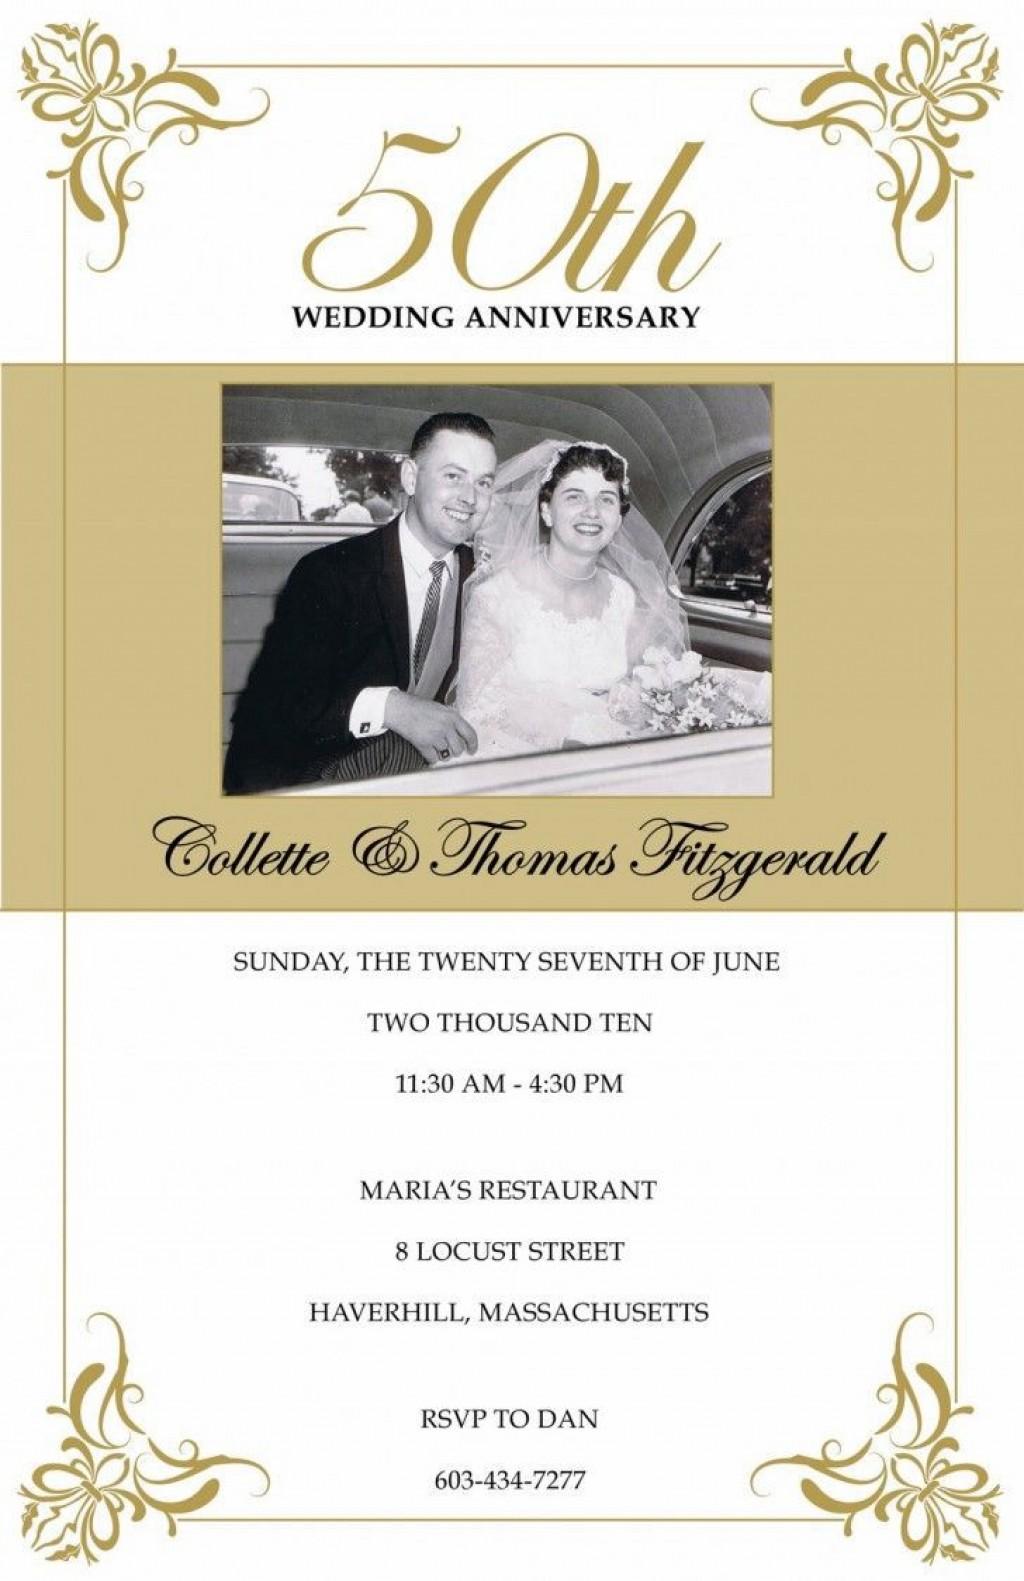 008 Wonderful Free Printable 50th Wedding Anniversary Invitation Template Image Large